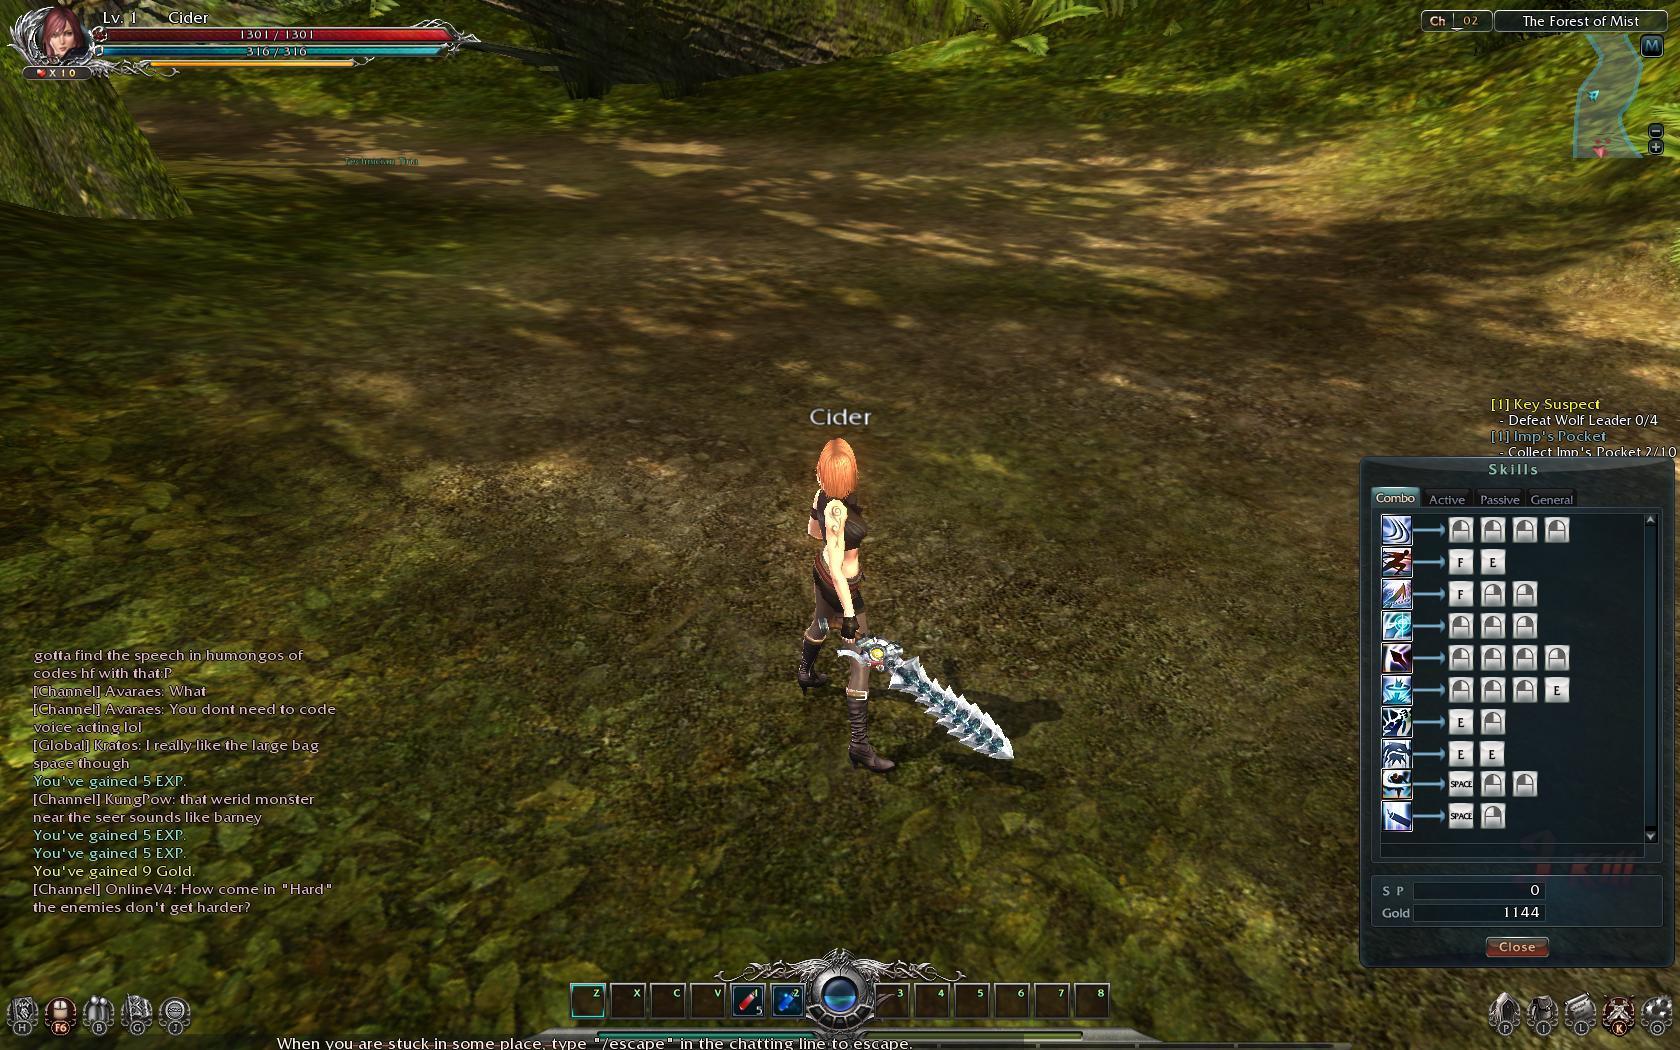 DS_SShot20100716_0453_05.jpg